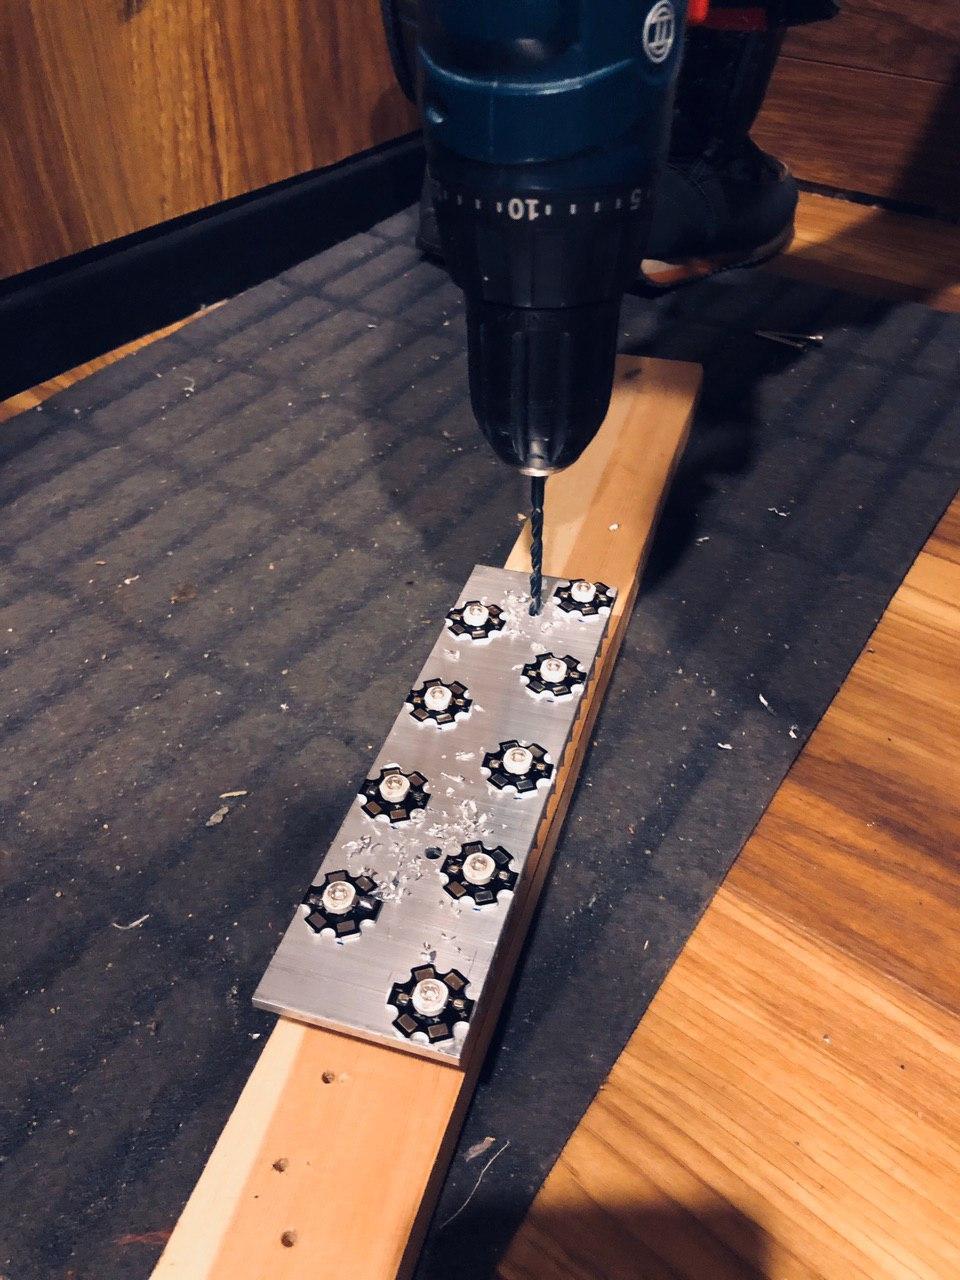 Экспресс UV лампа своими руками 400-405 нм для полимеризации 3D фотополимерных моделей - 13